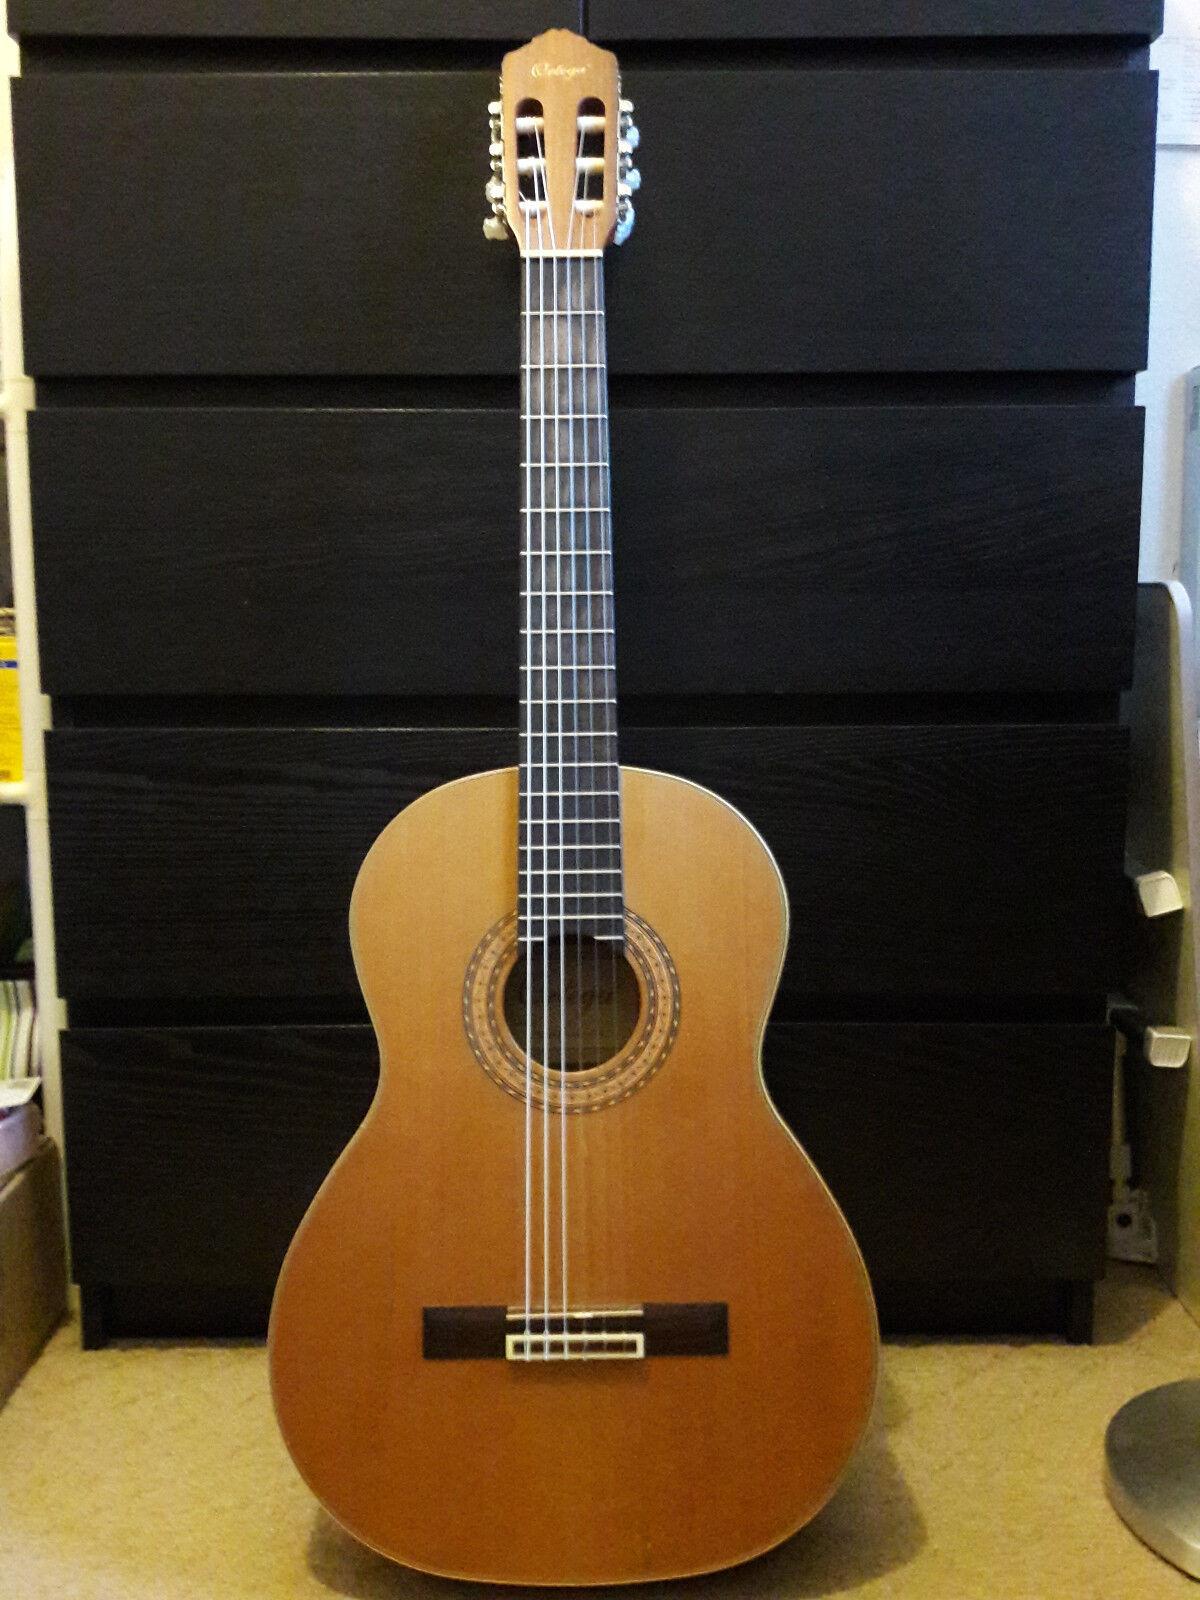 Gitarre, Ortega R130, gebraucht, guter Zustand, neue Saiten, gereinigt